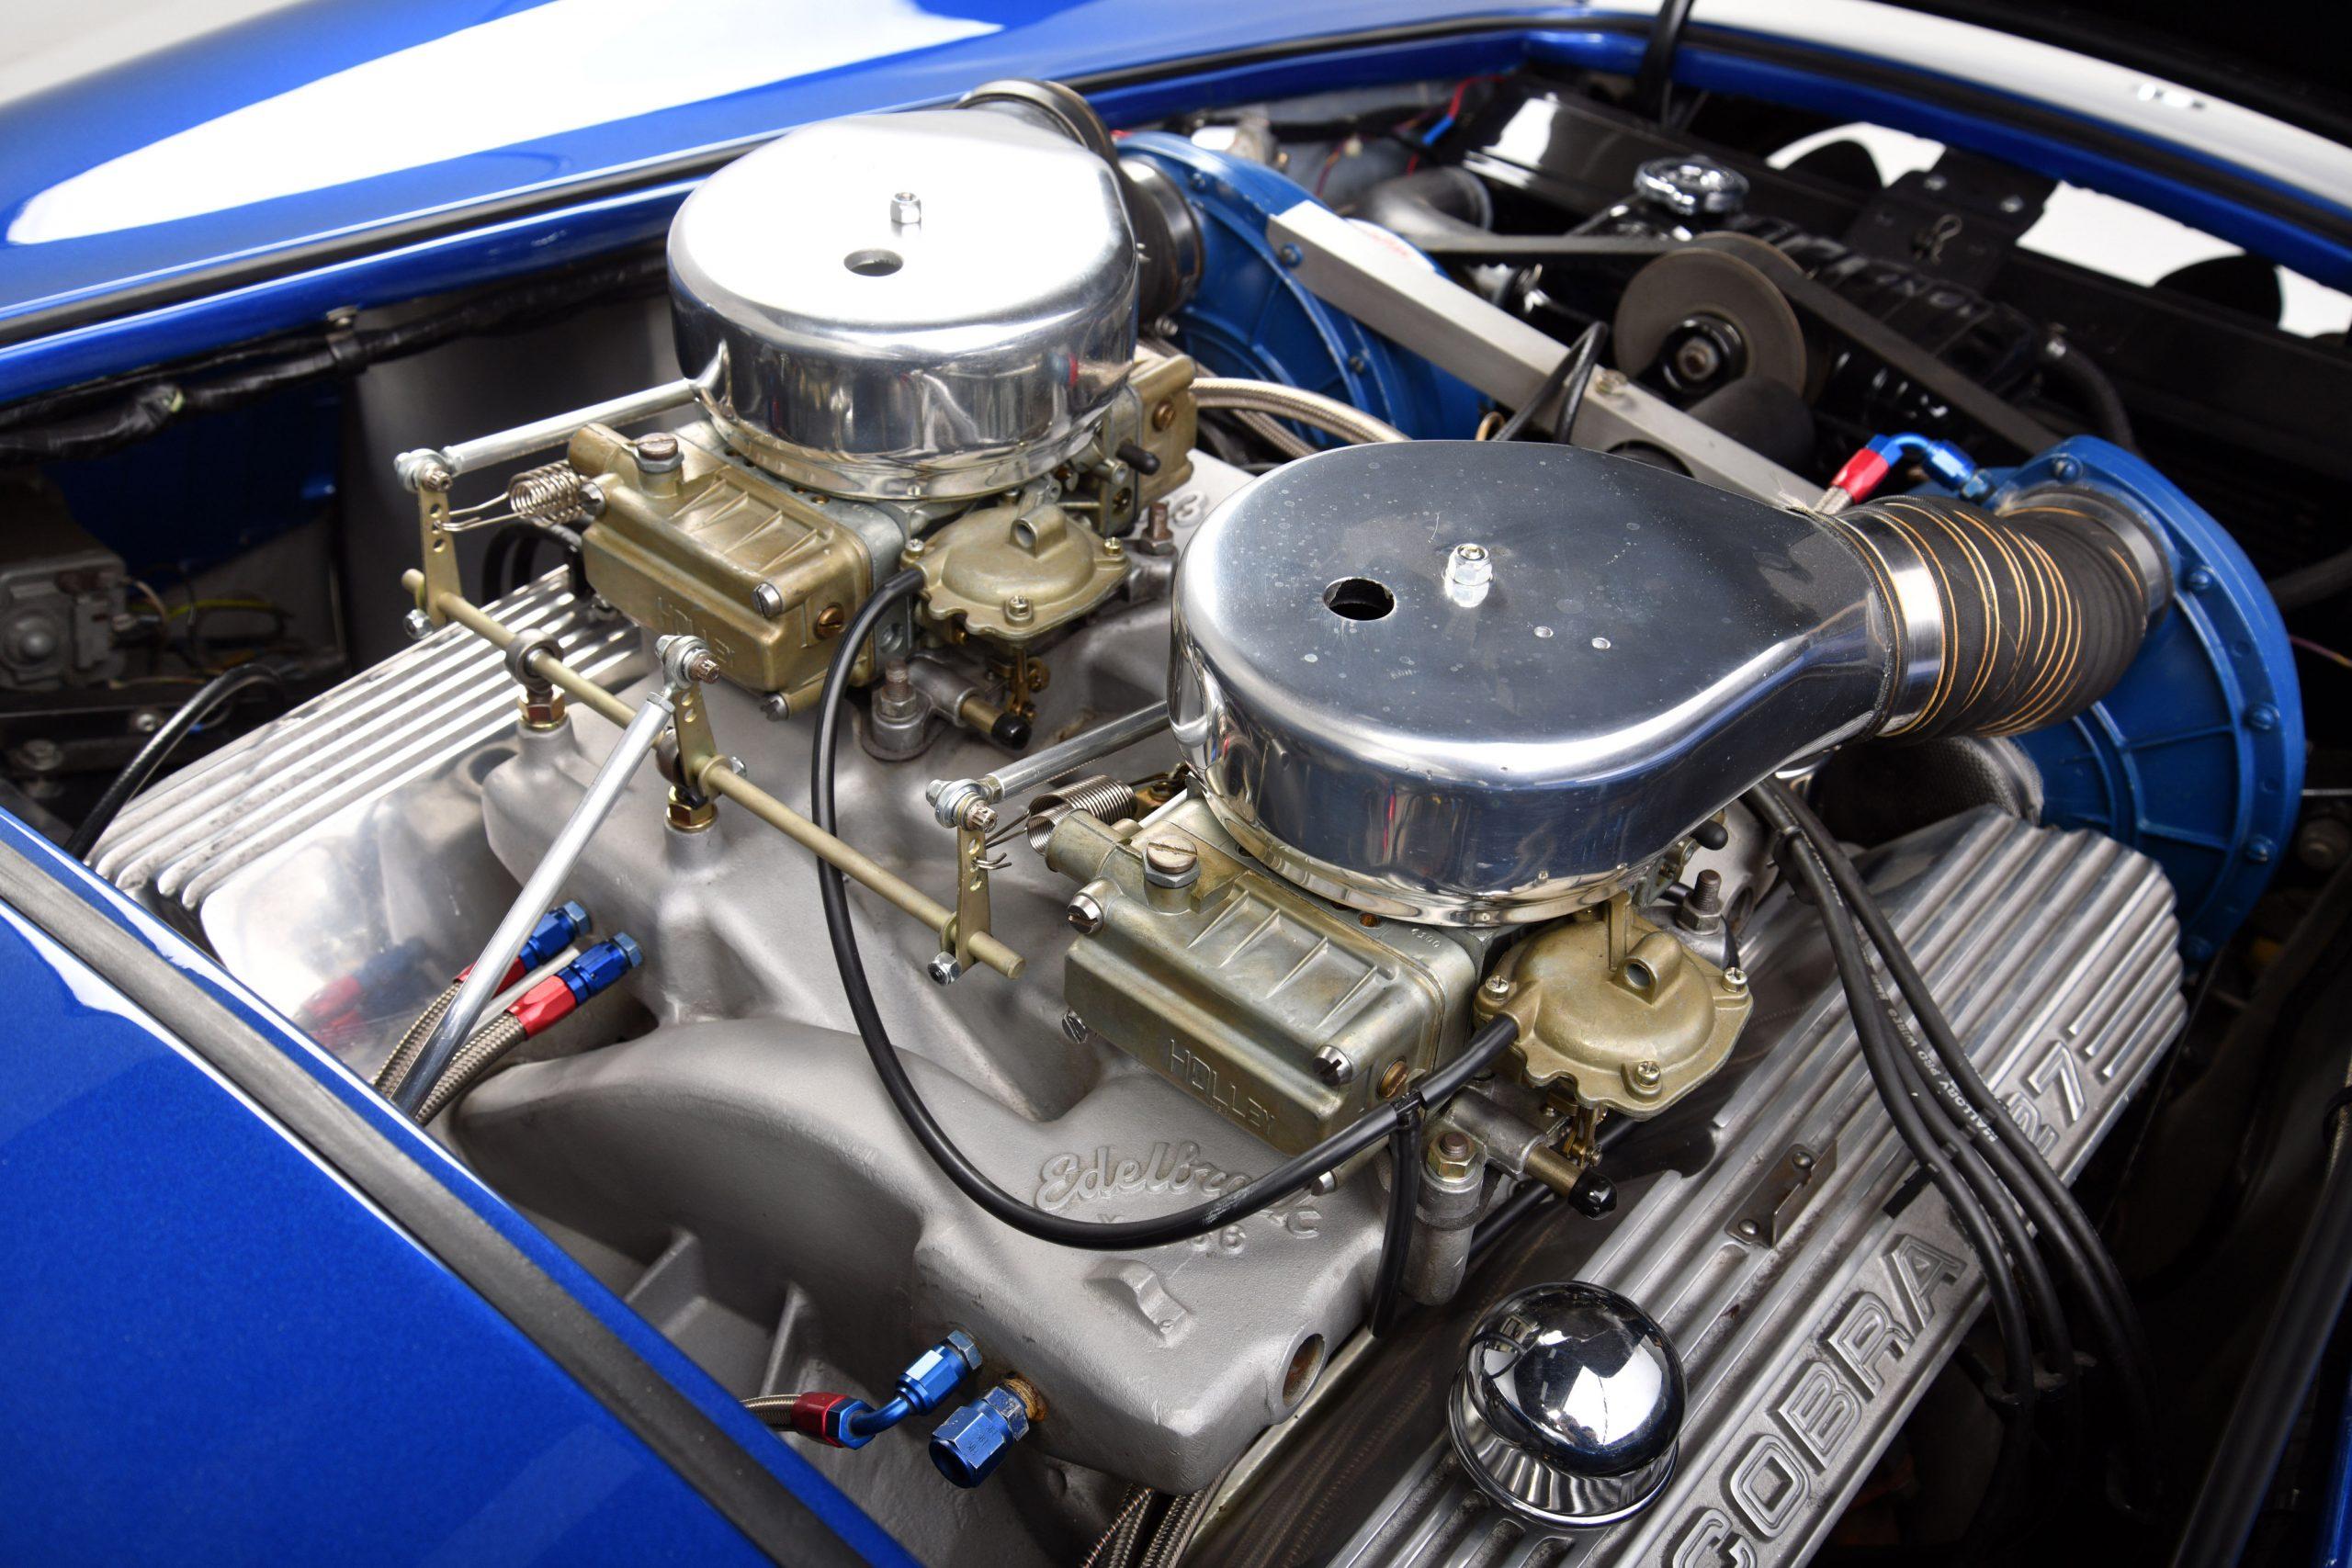 CSX 3015 Shelby Cobra engine